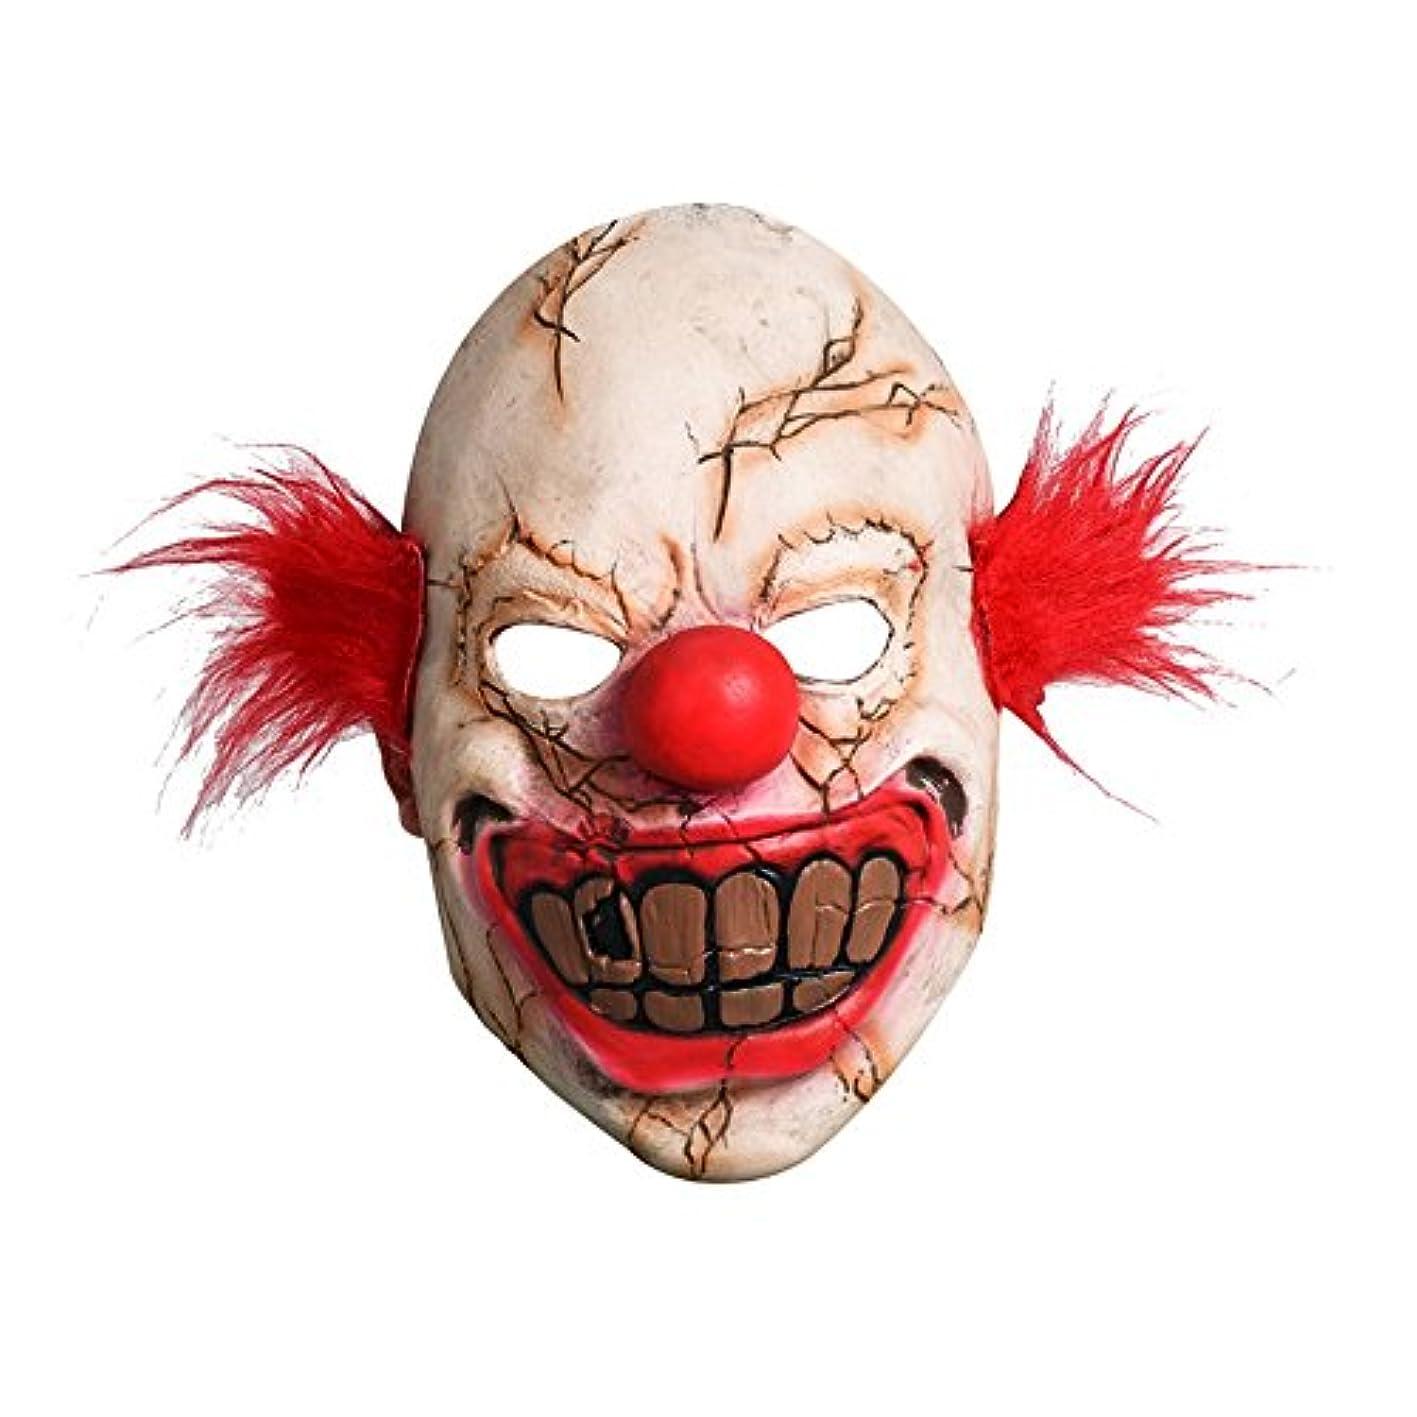 伝統的初期始まりハロウィン用品バー怖い恐ろしい腐った道化師カーニバル全体の人々おかしい悪魔腐った顔ピエロマスク